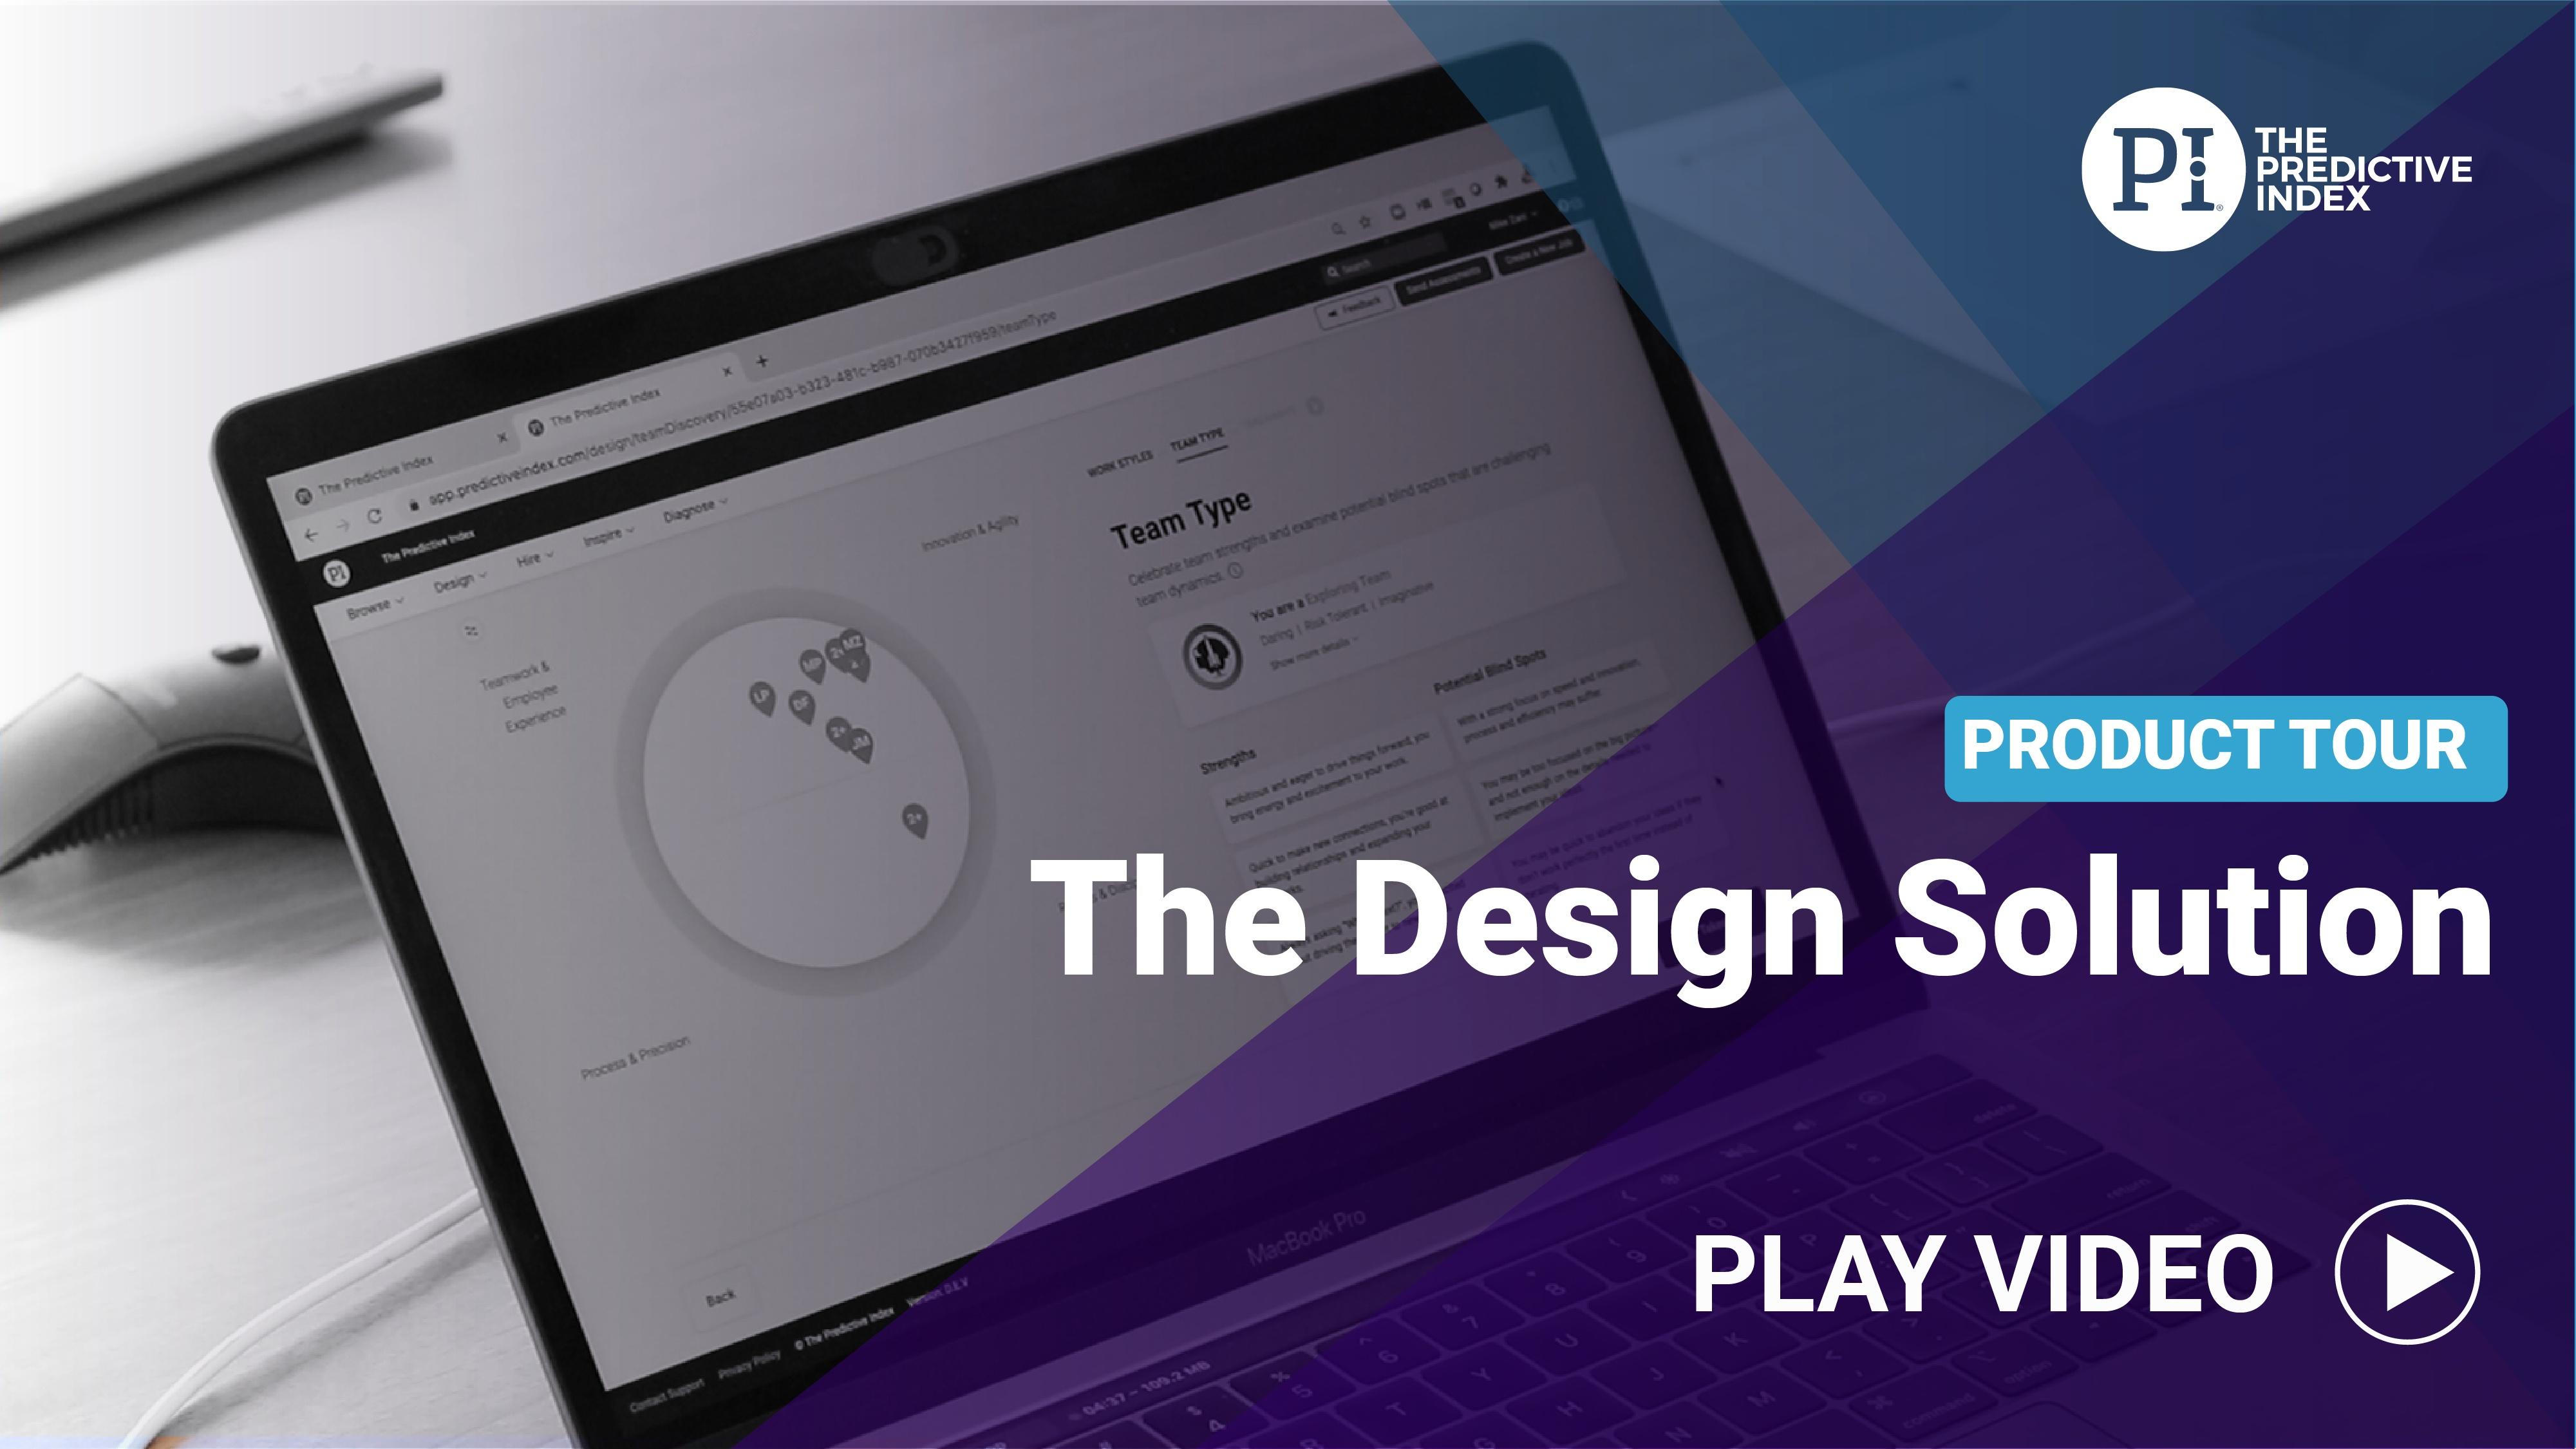 Design Short Product Tour (Part 1)